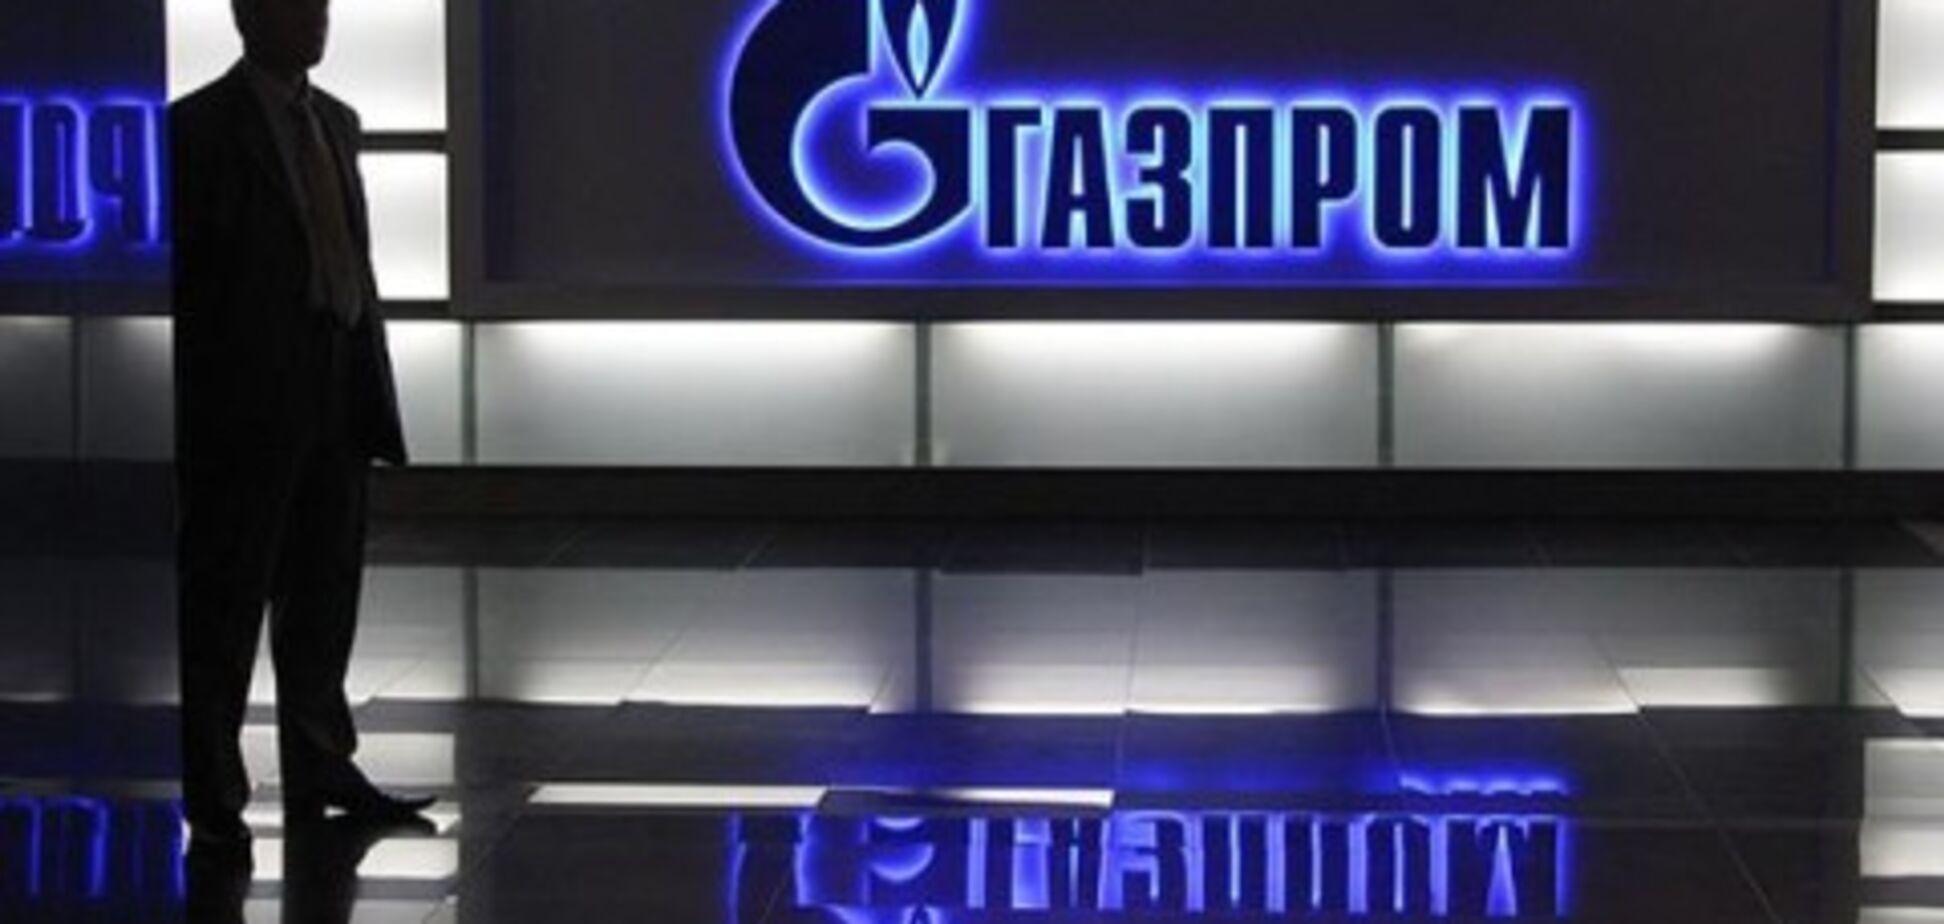 'Газпром' заявил о новом иске по расторжению контрактов с Украиной